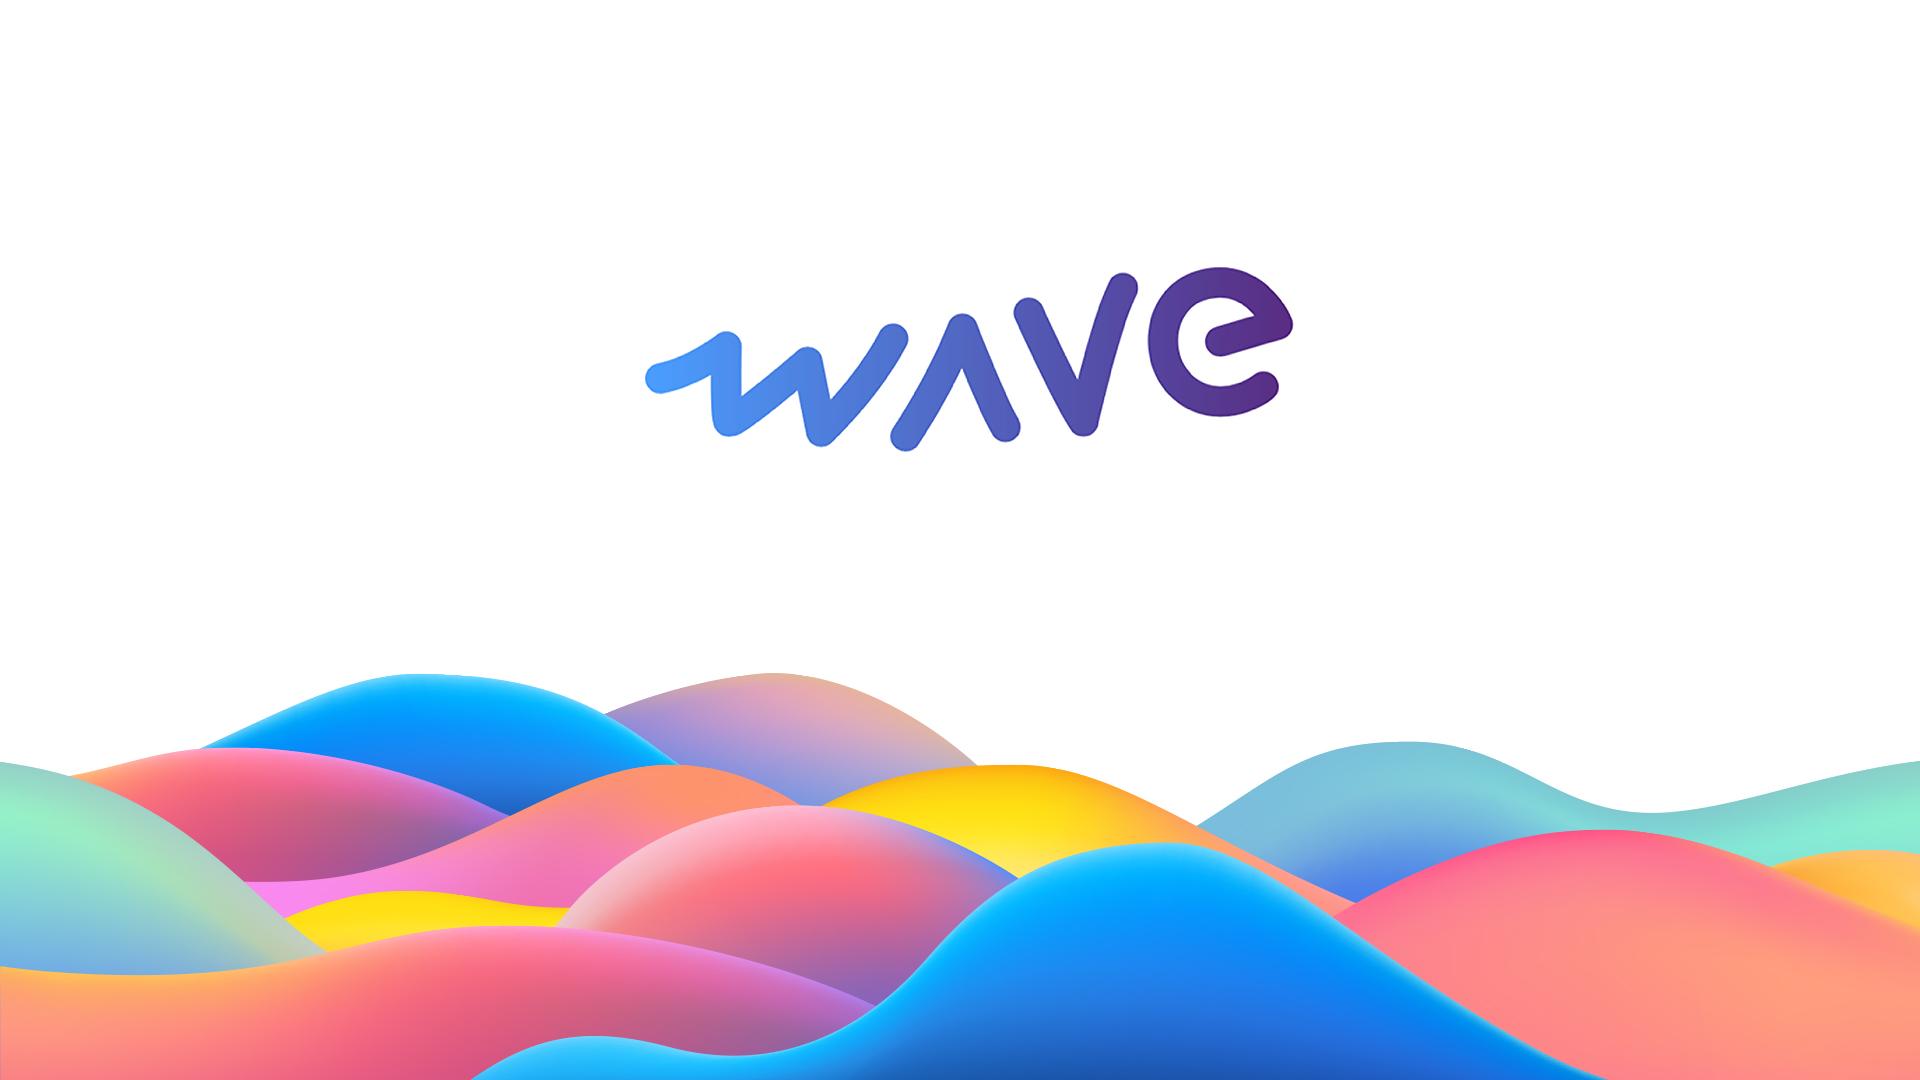 WaveLogo.jpg